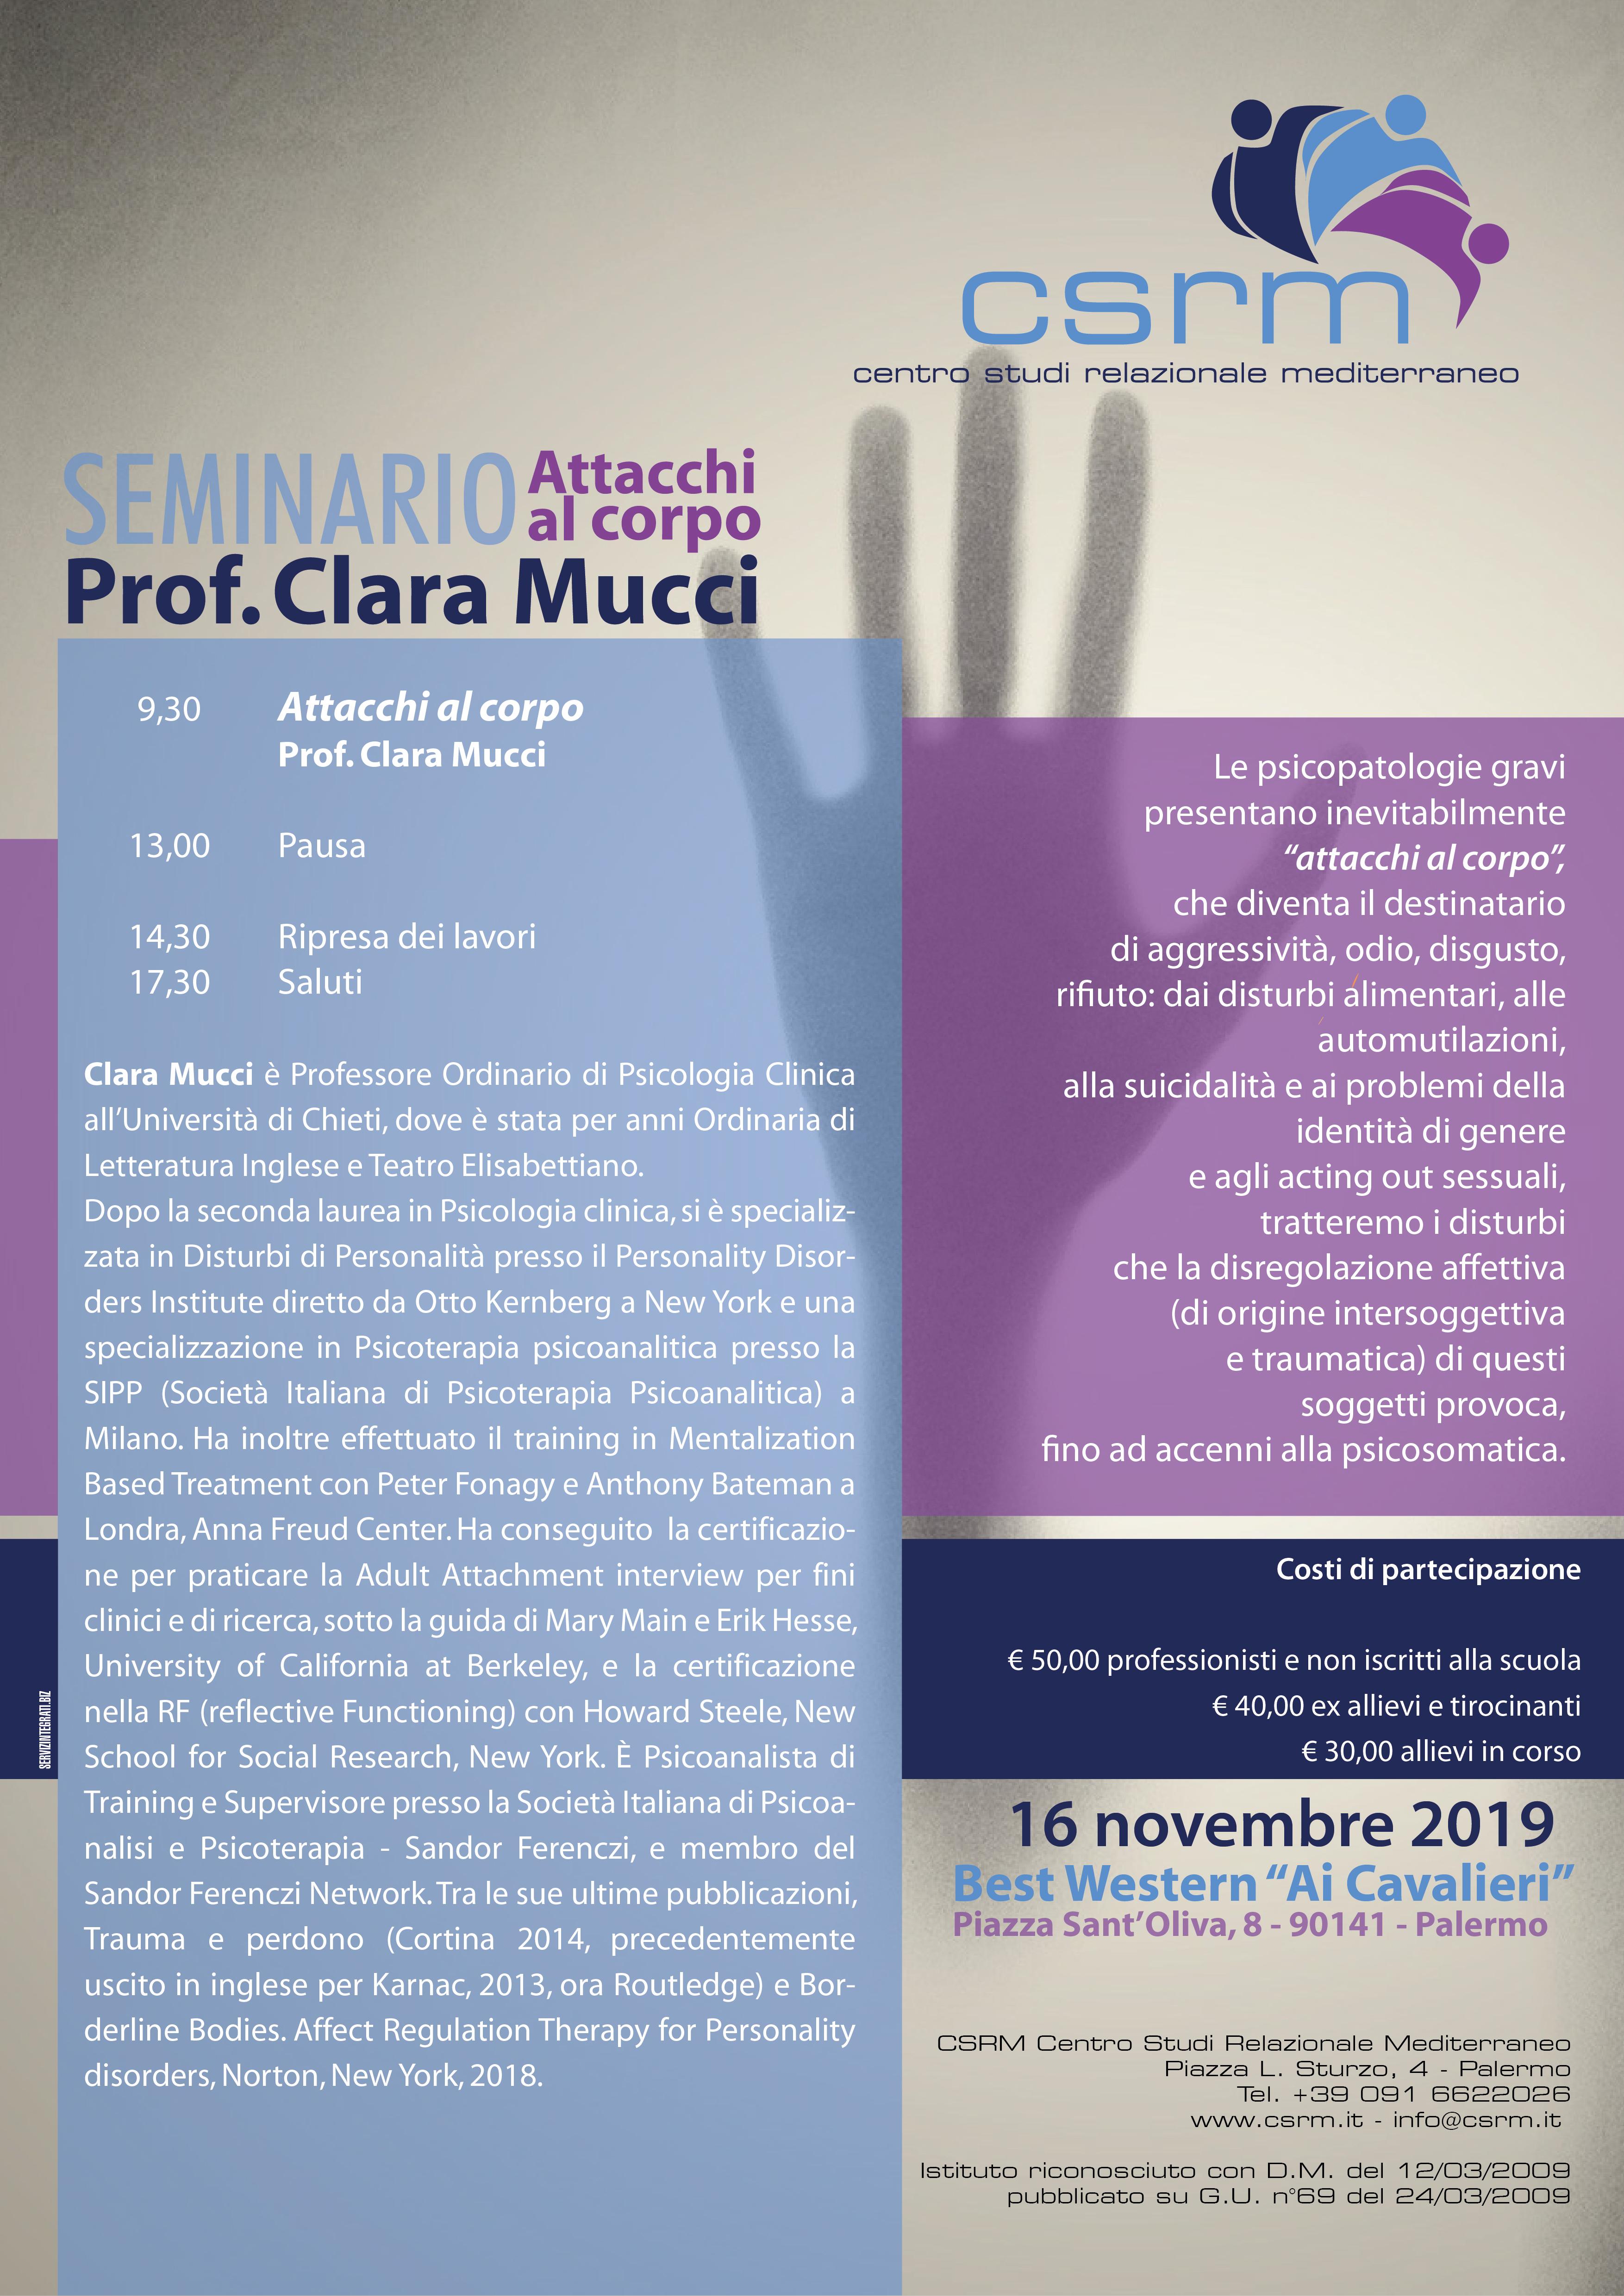 """Sabato 16/11/2019 Seminario """"Attacchi al corpo"""" Prof. Chiara Mucci"""